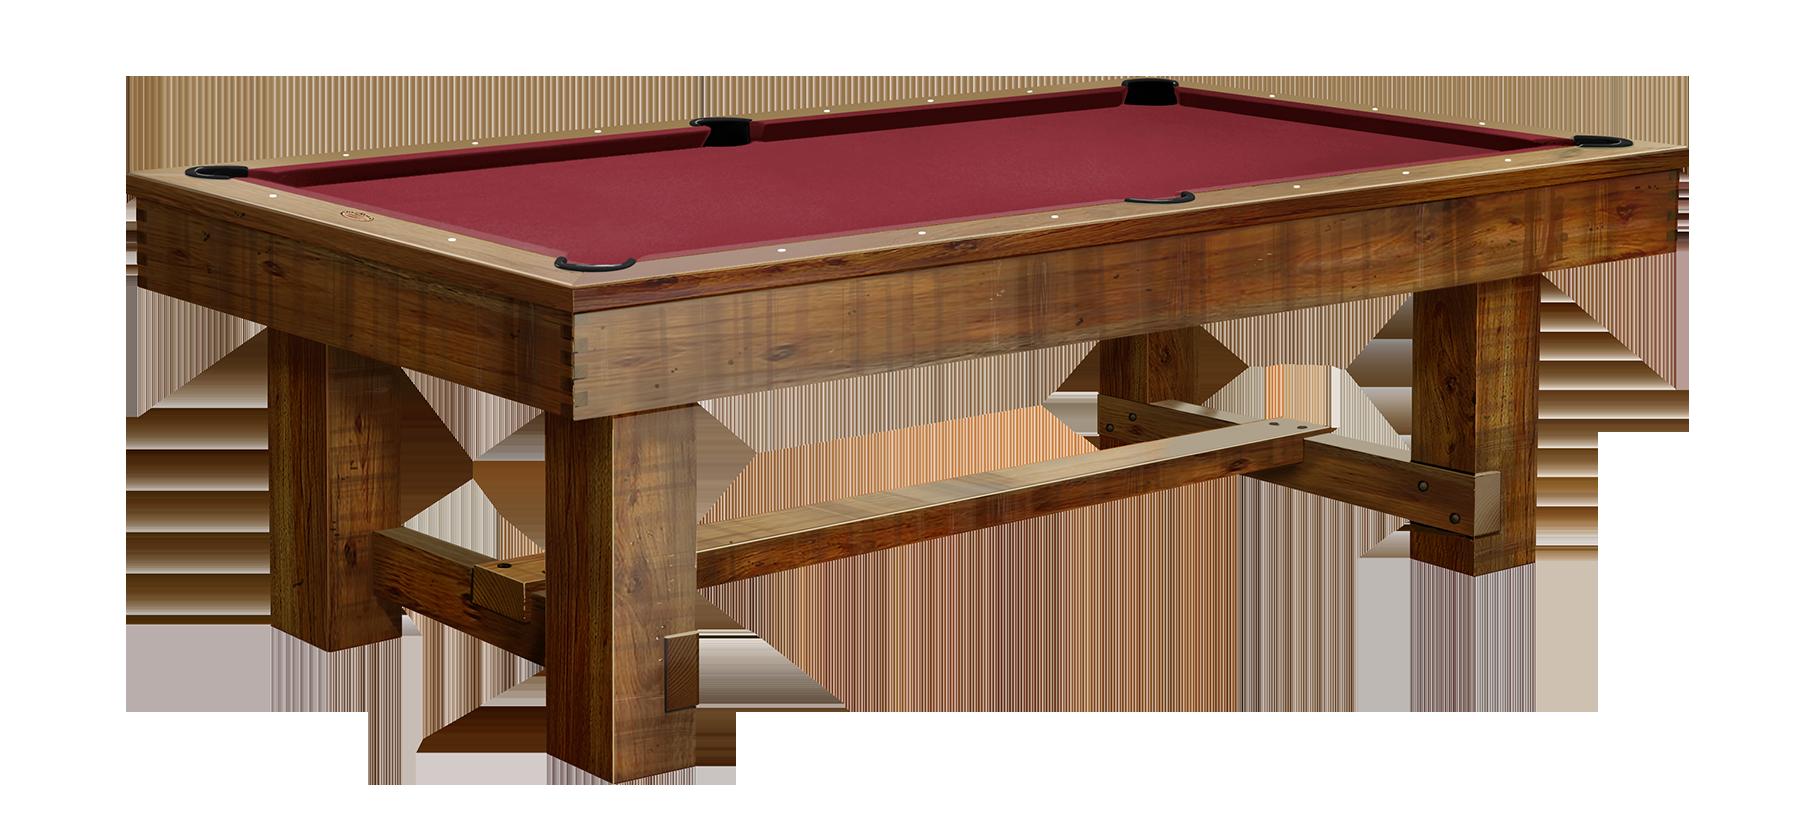 Olhausen Billiards Pool Tables Custom Options Loft Ideas - Rustic modern pool table